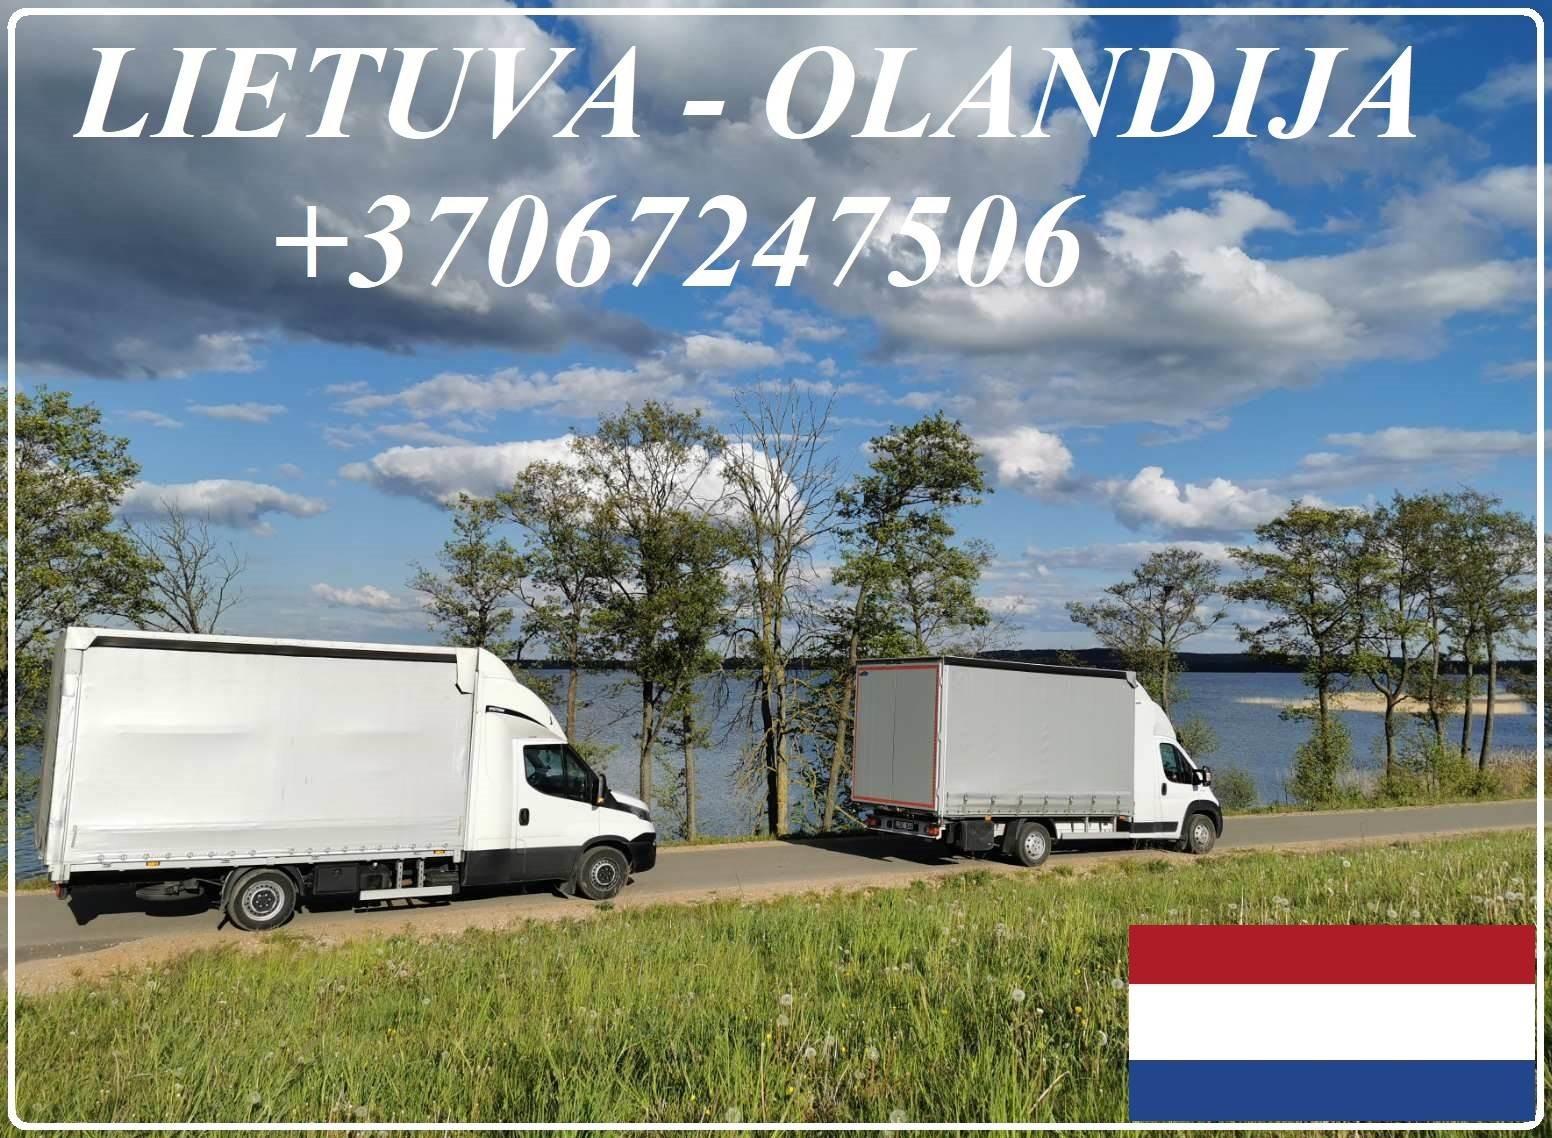 Lietuva - Olandija - Lietuva ! Express kroviniai +37067247506